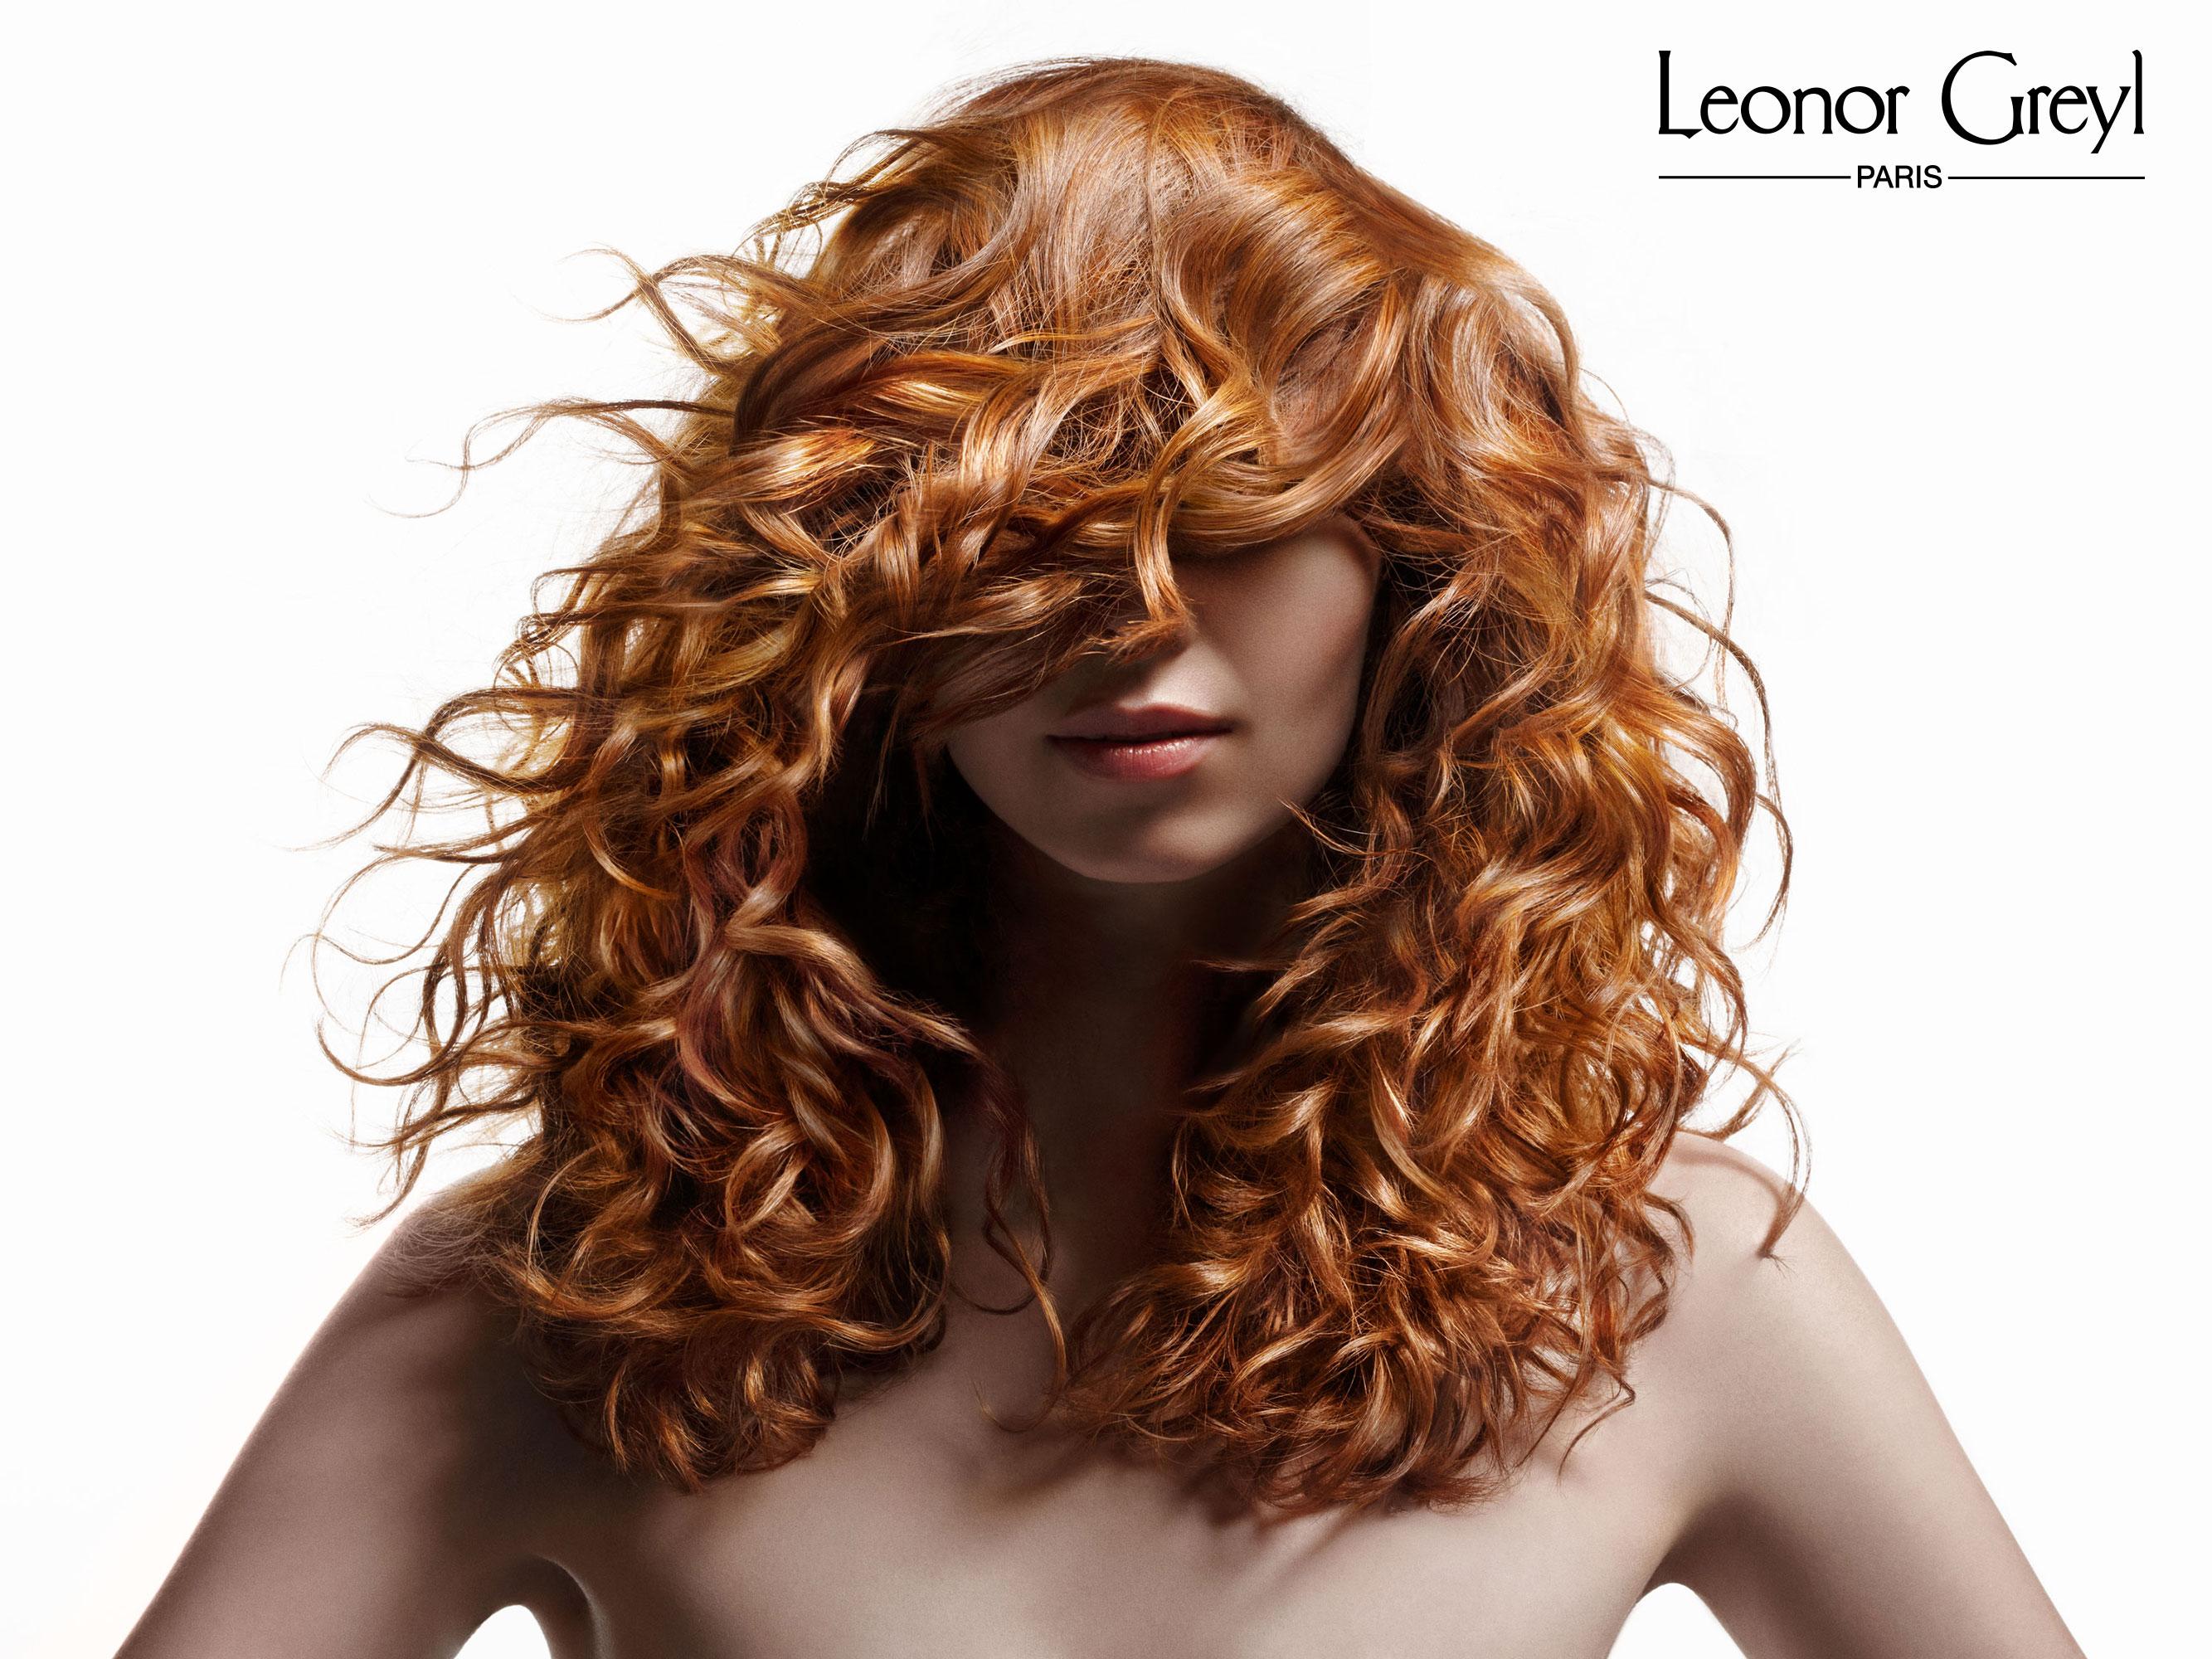 leonor-greyl_rousse_NV3